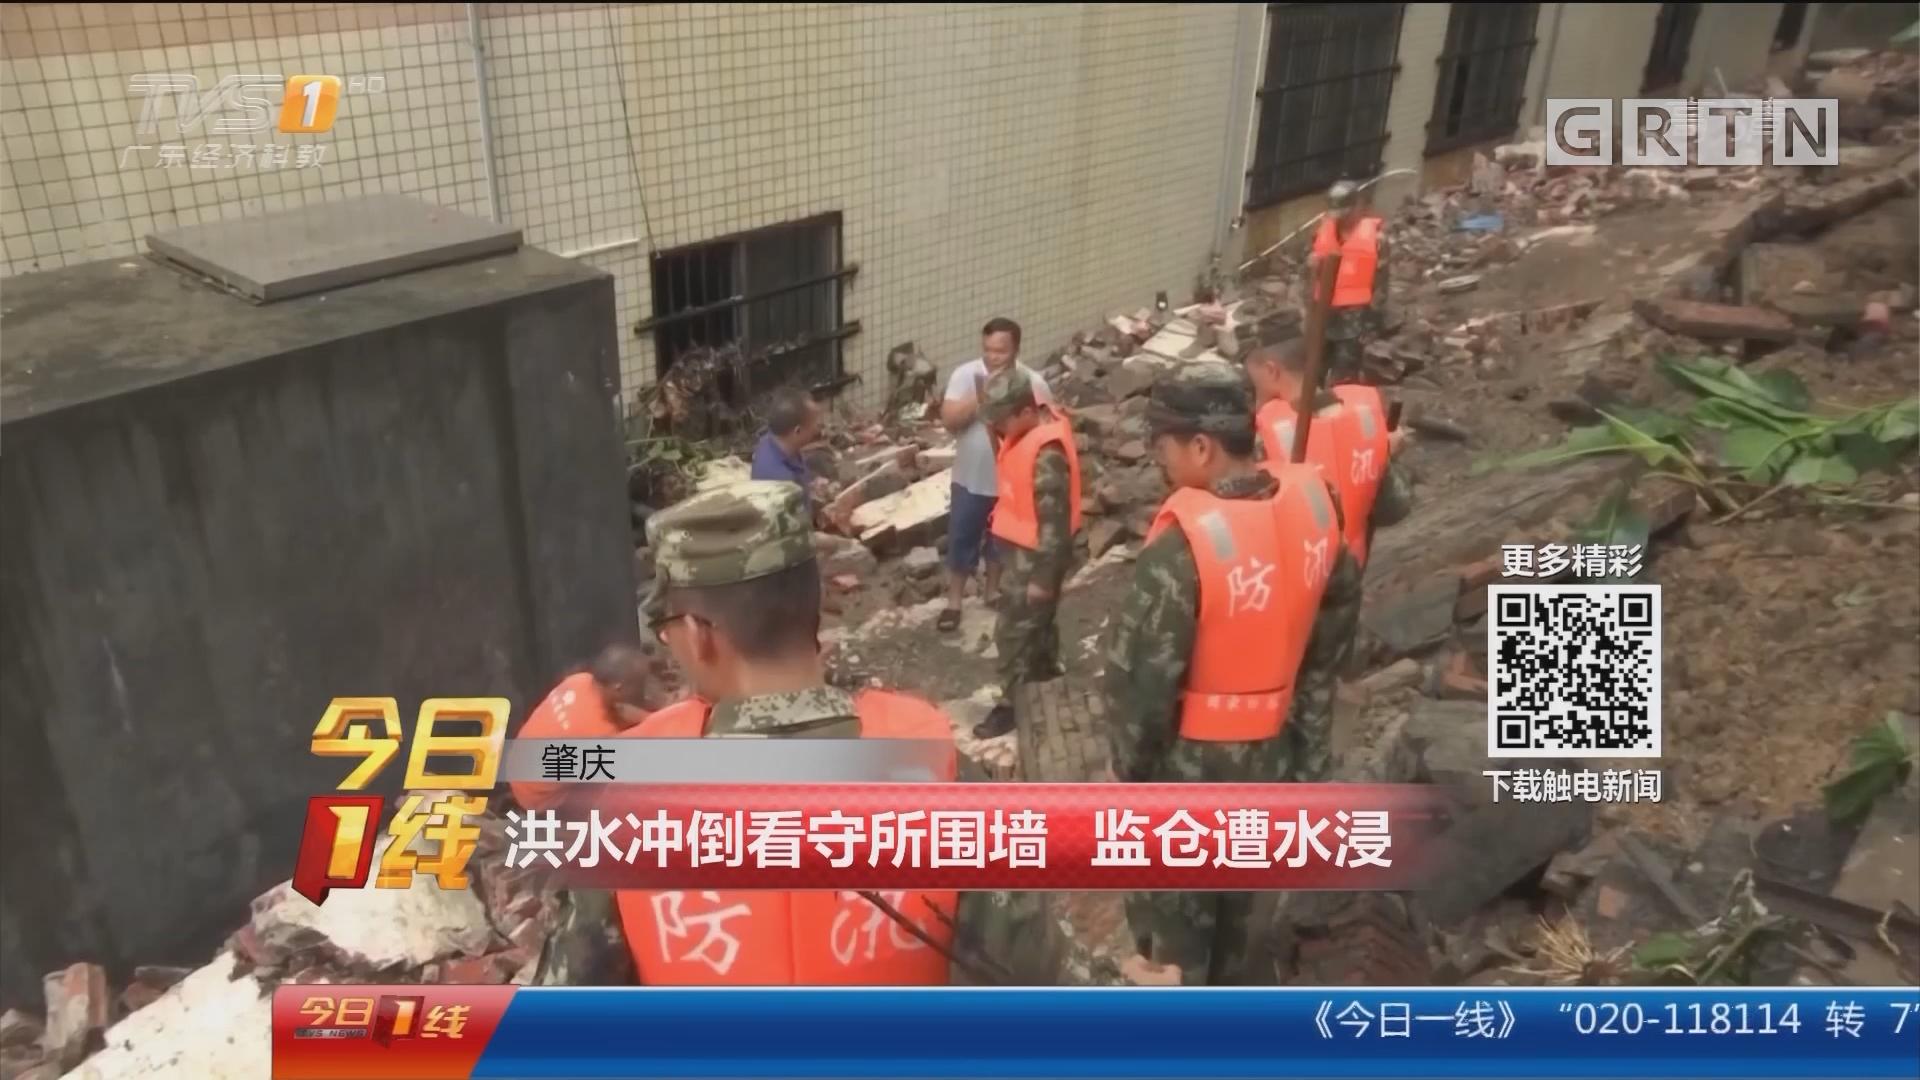 肇庆:洪水冲倒看守所围墙 监仓遭水浸